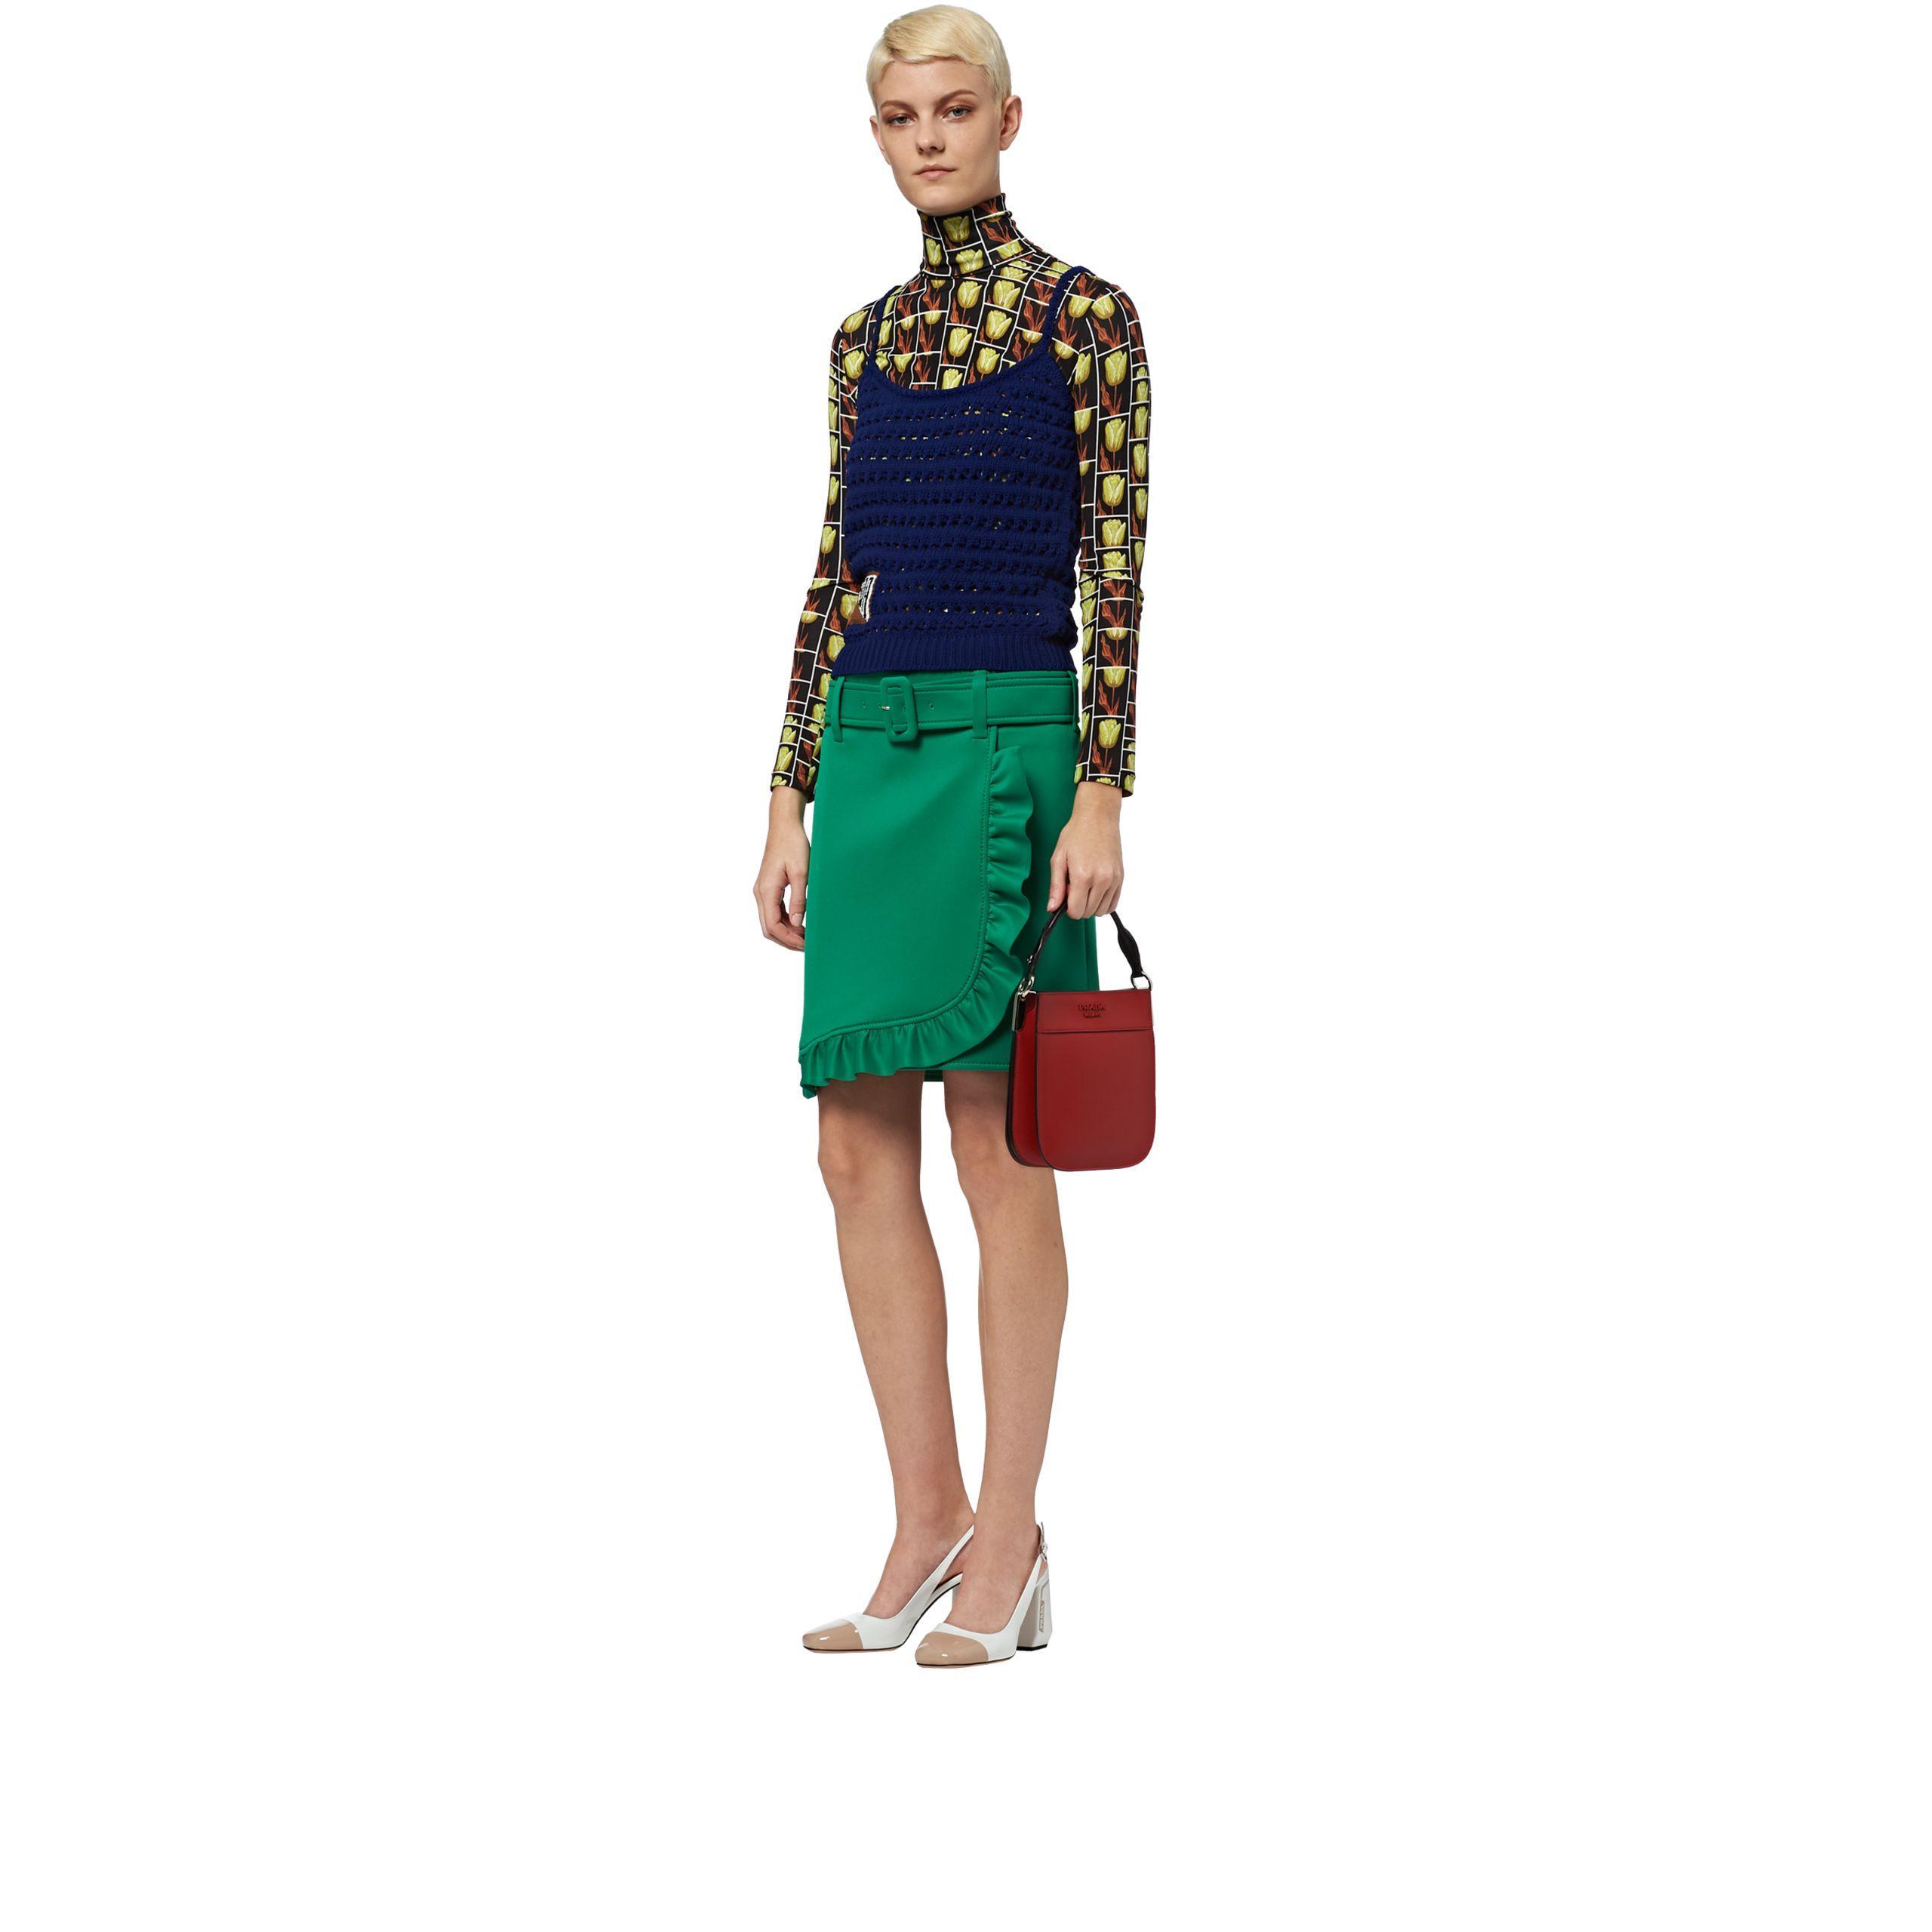 da88b50bff04 Lyst - Prada Margit Small Leather Bag in Red